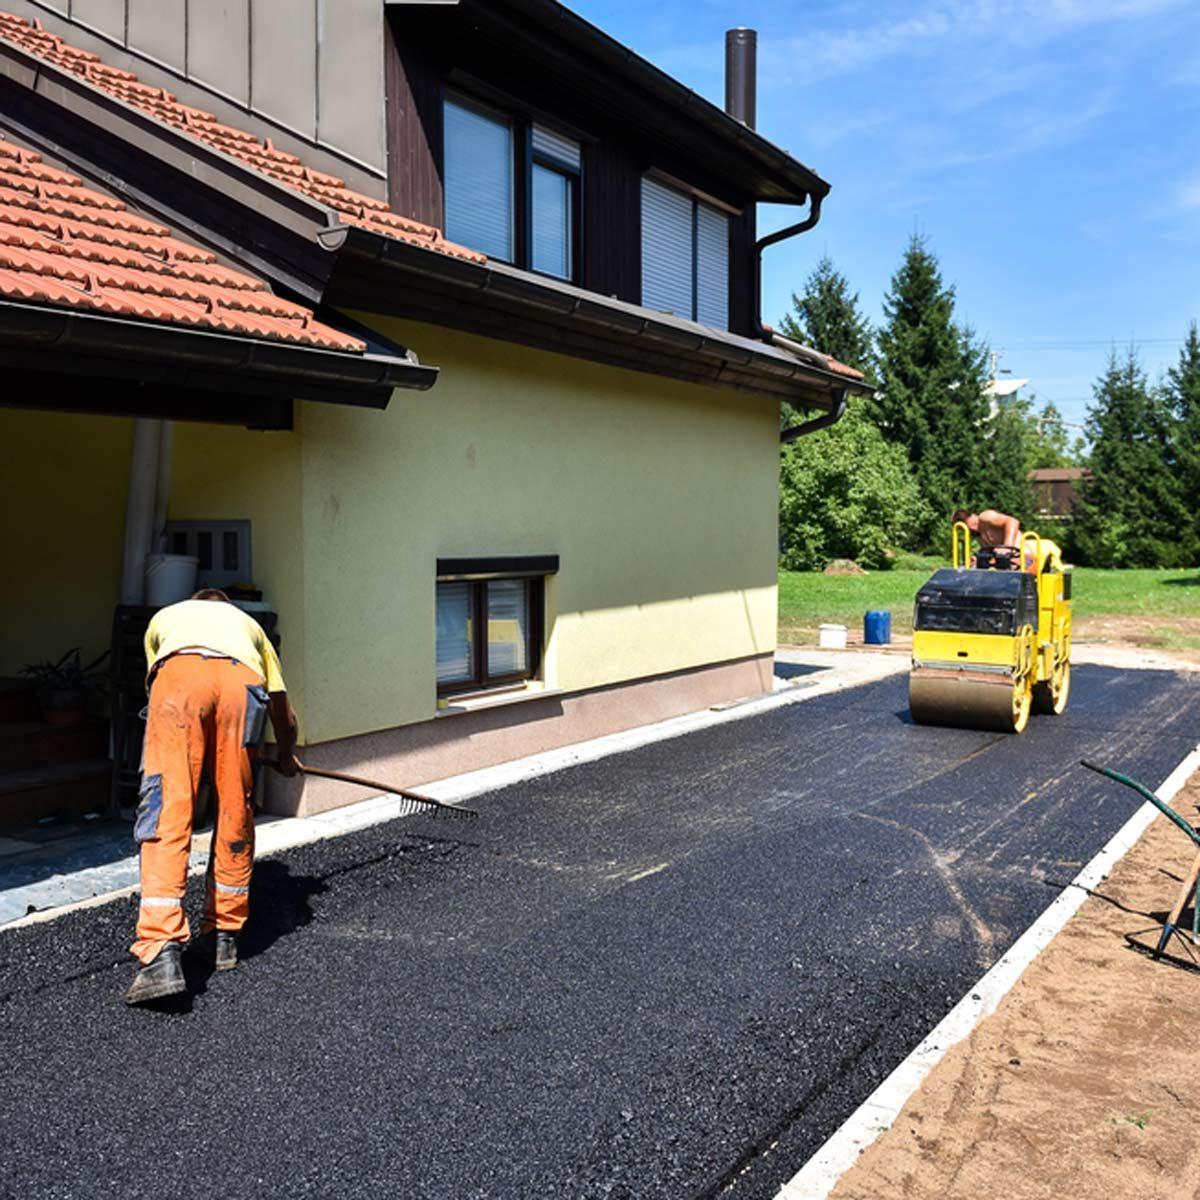 Driveway Repaving